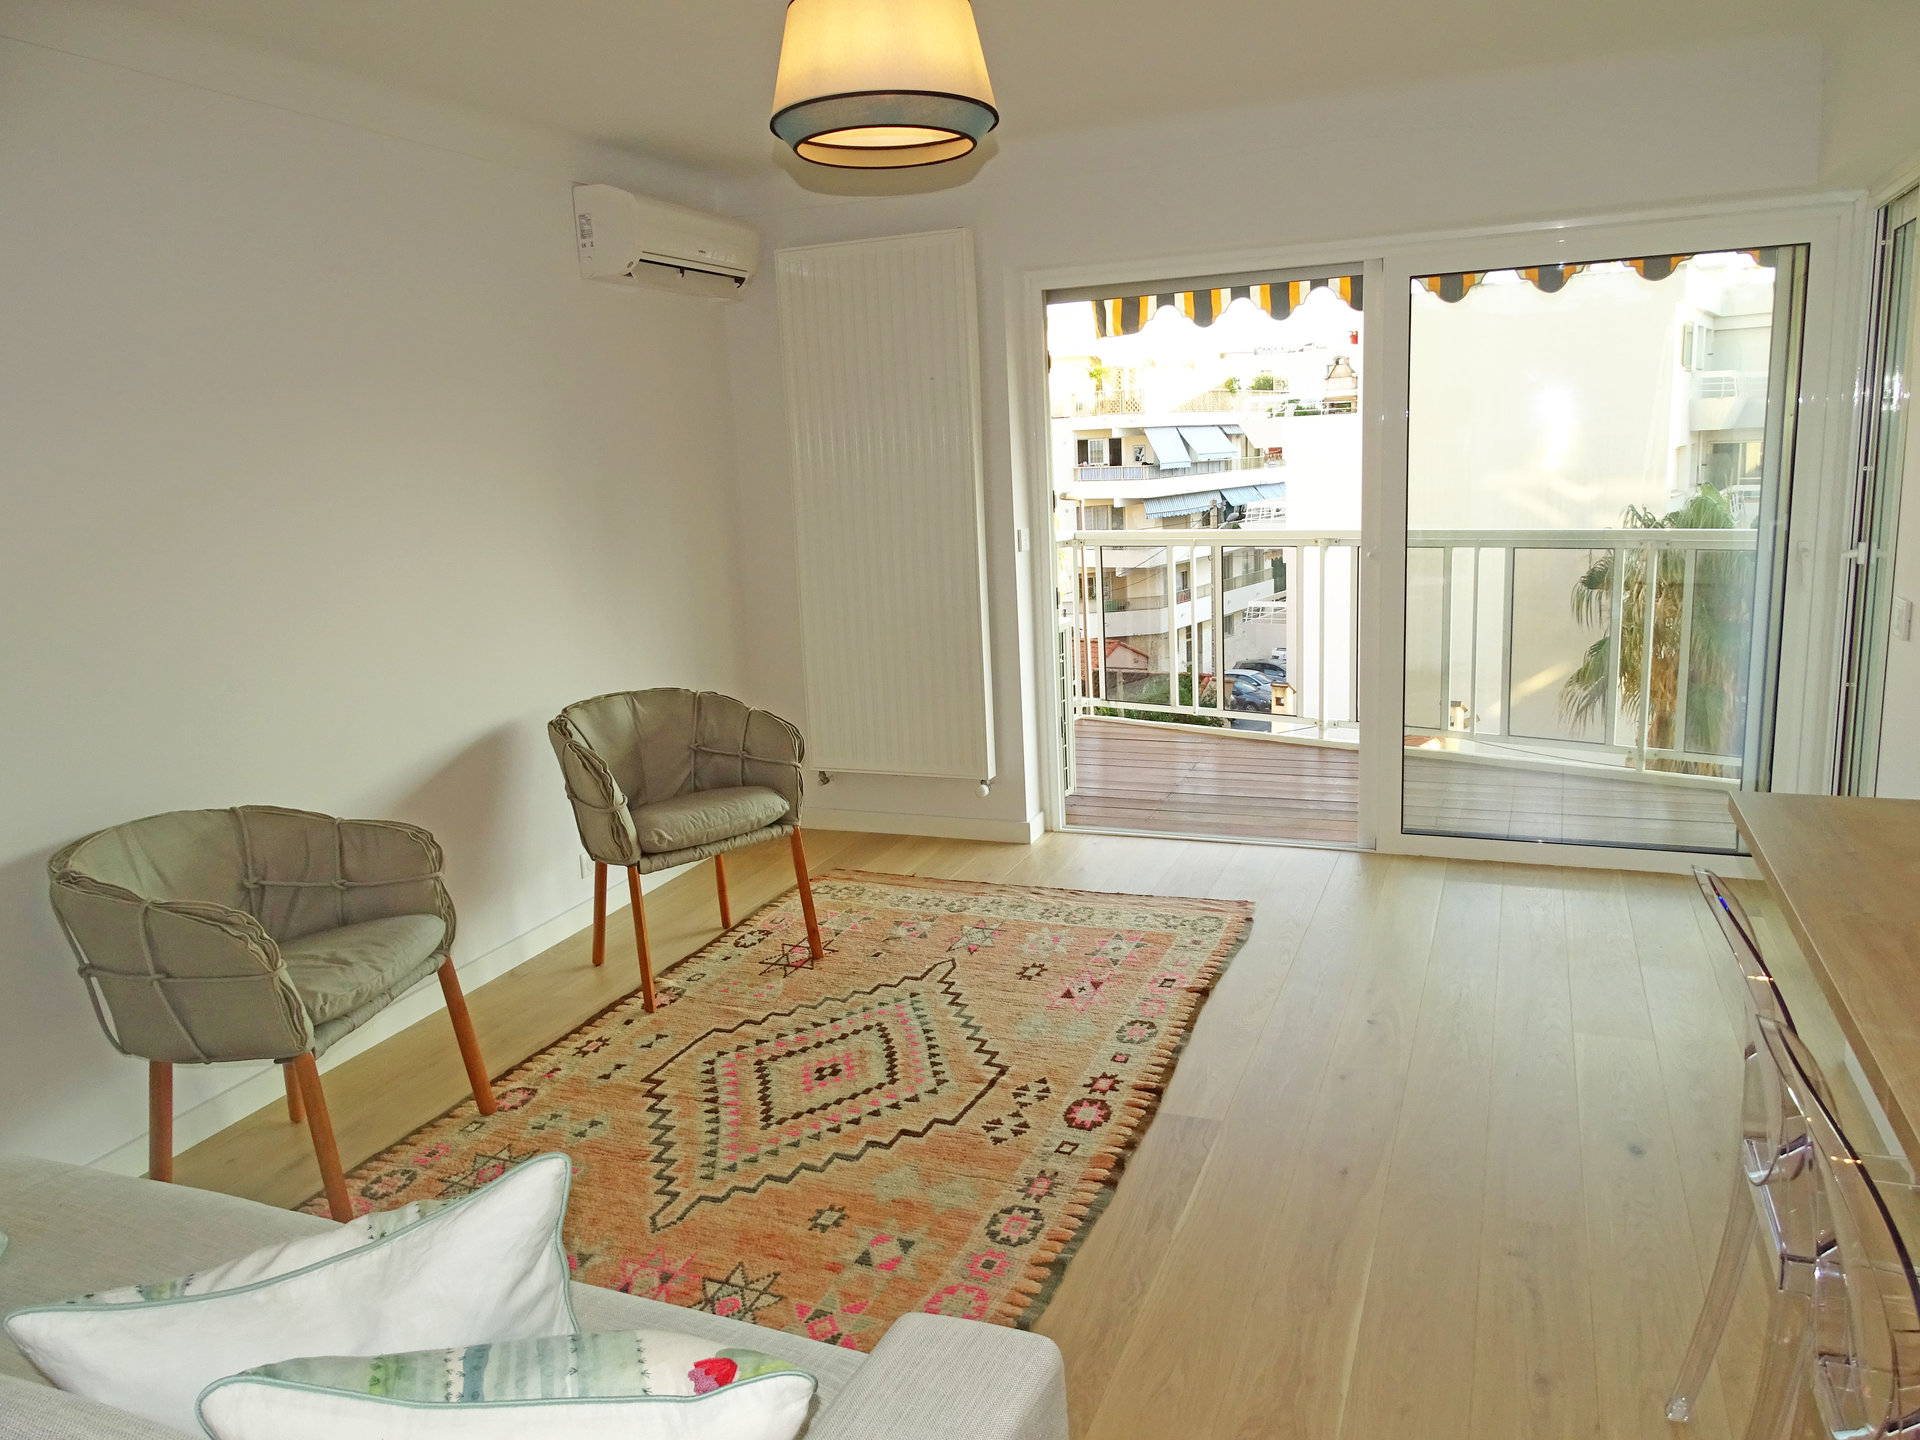 Appartement 2 pièces Cannes Palm Beach salon avec parquet